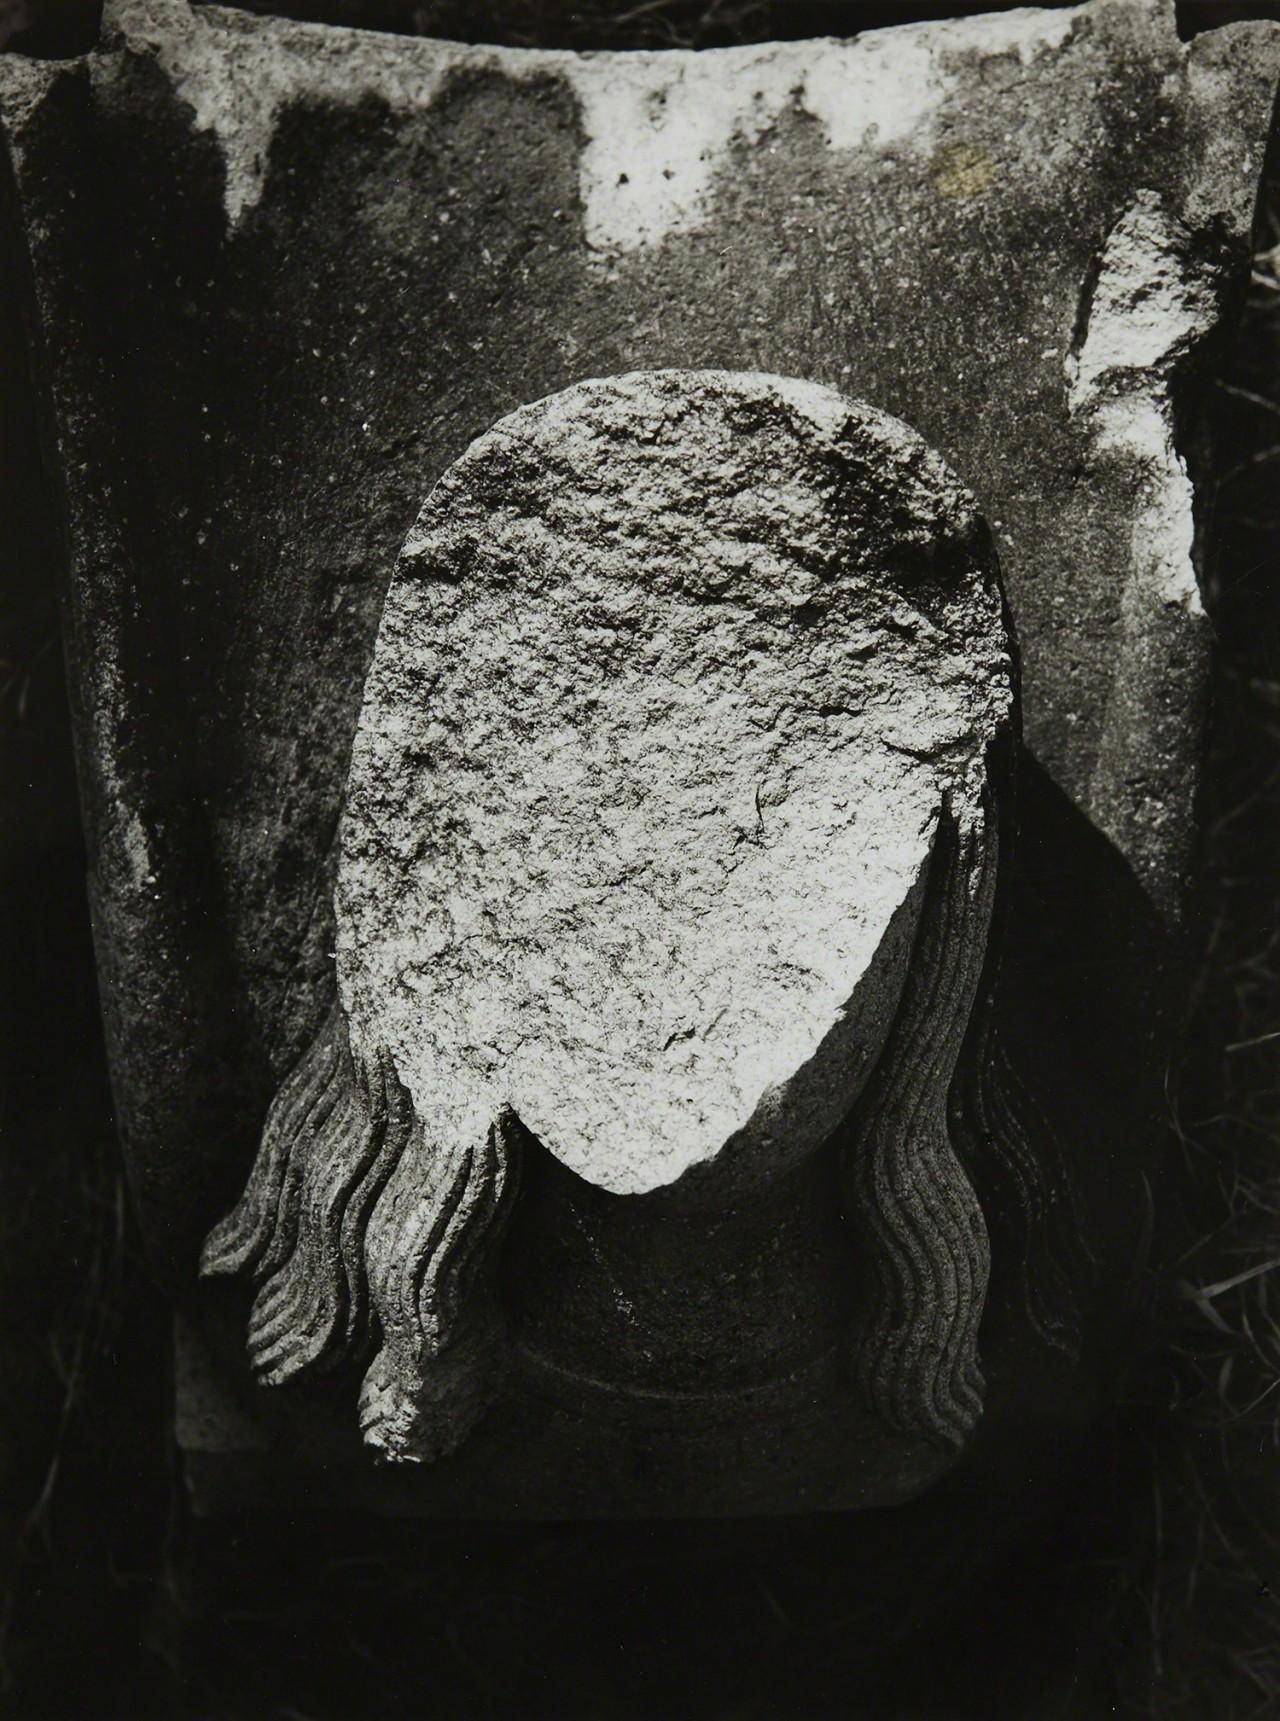 Ангел, разбитый атомной бомбой в соборе Ураками, Нагасаки, 1961. Фотограф Сёмэй Томацу